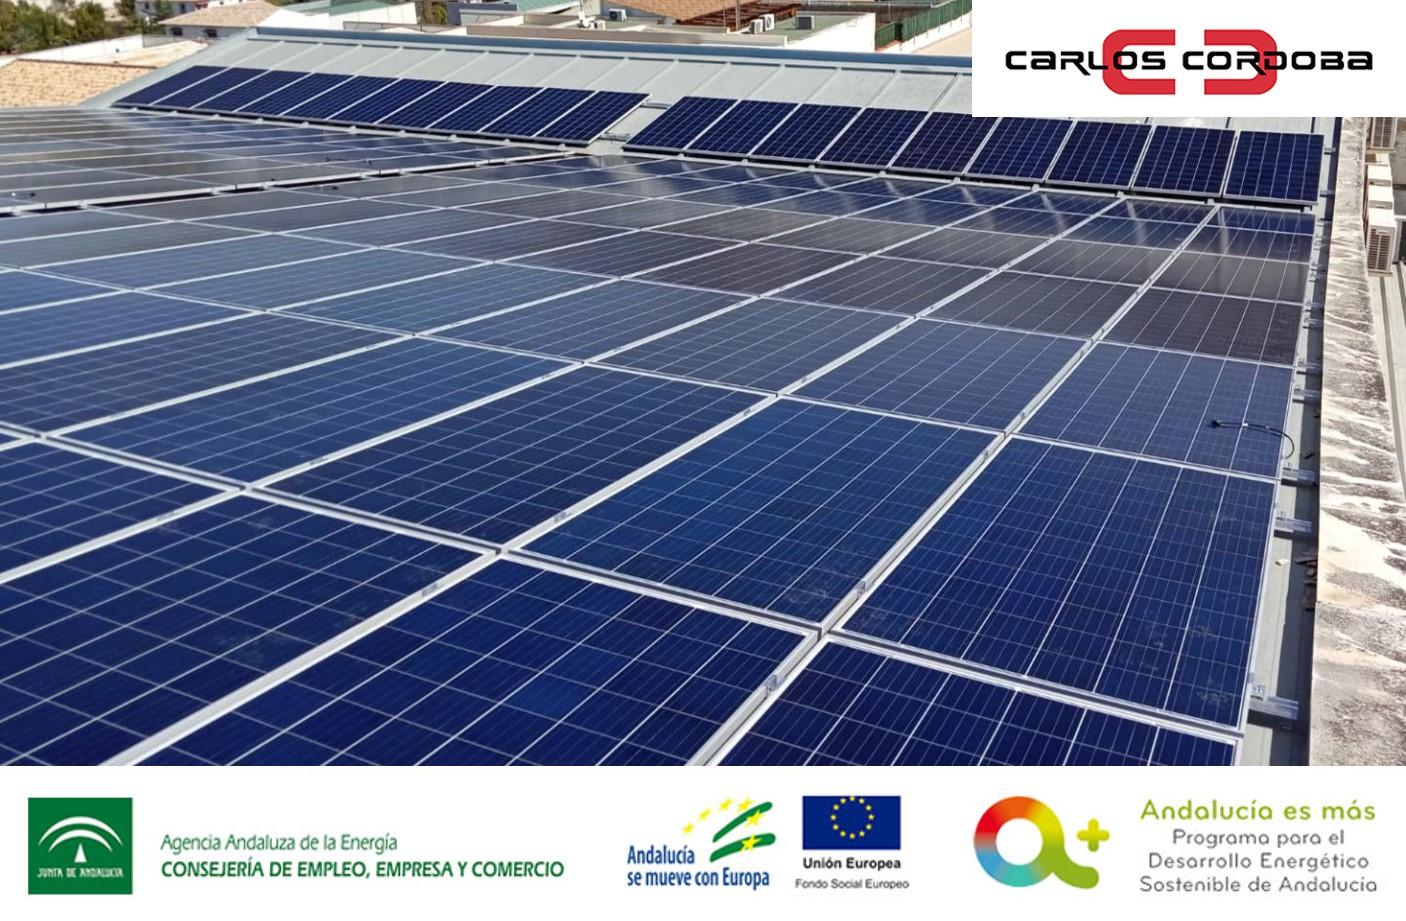 Subvención instalaciones de energía solar fotovoltaica para Confecciones Carlos Córdoba, S.L.